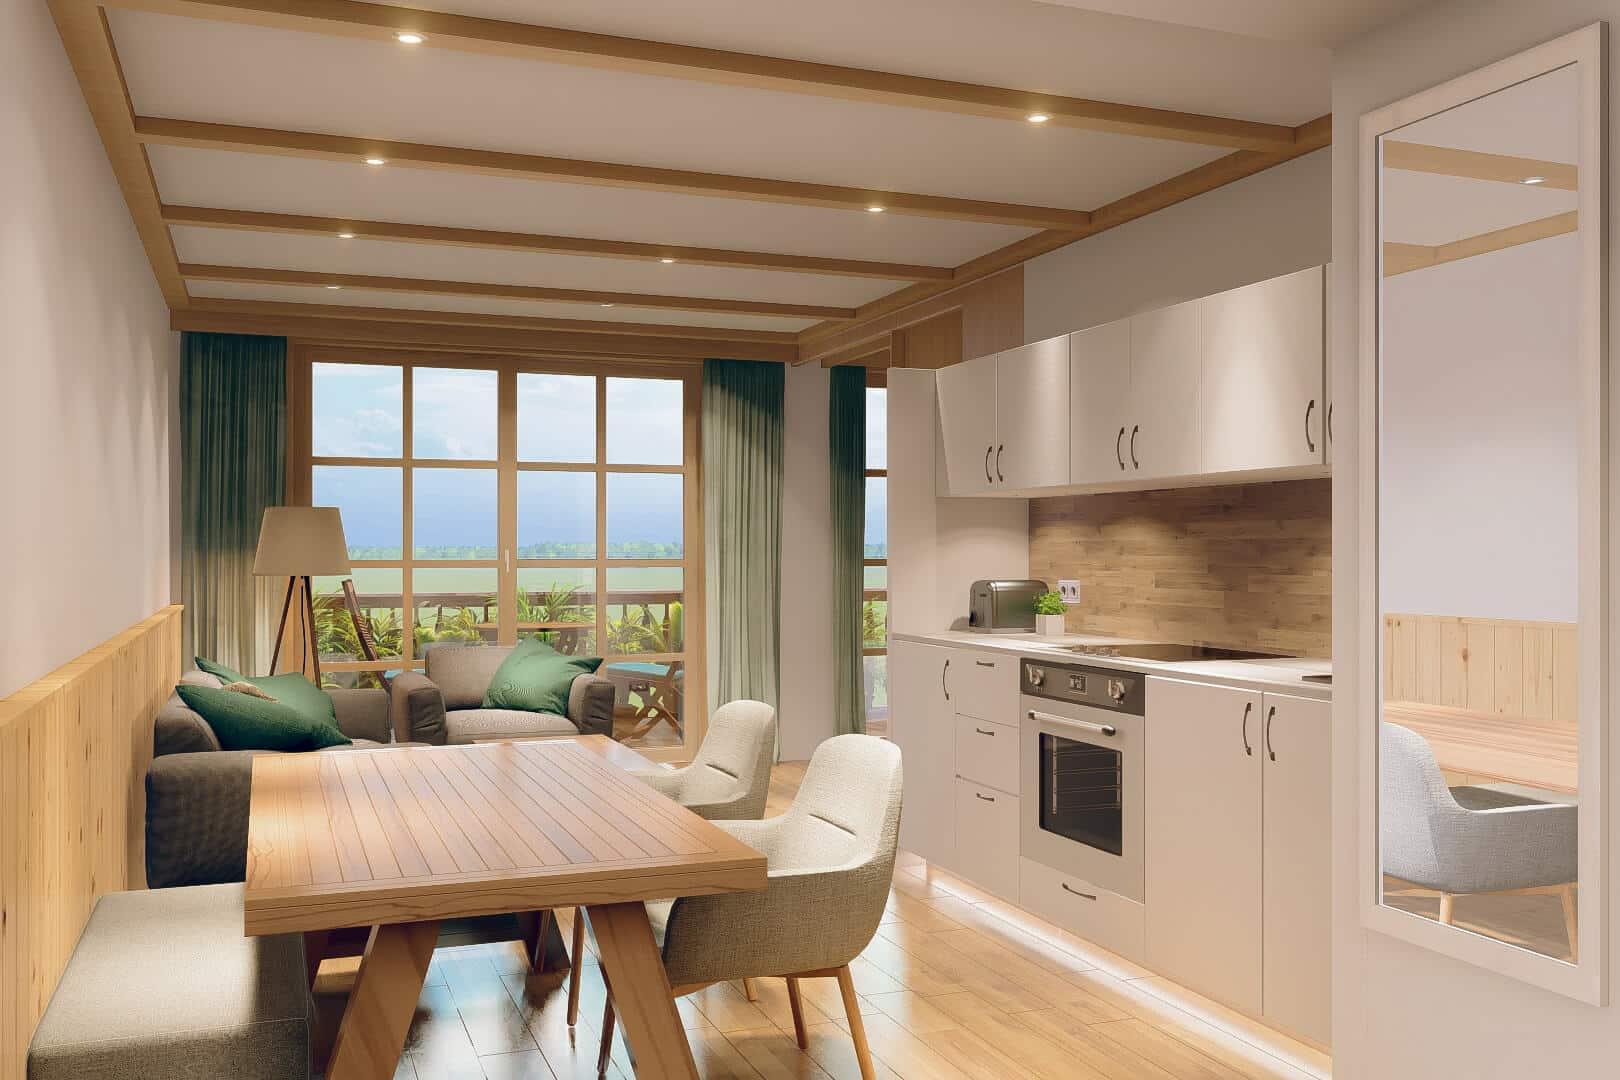 Der offene Lounge-bereich verbindet die vollausgestattete Küche mit dem Wohnzimmer